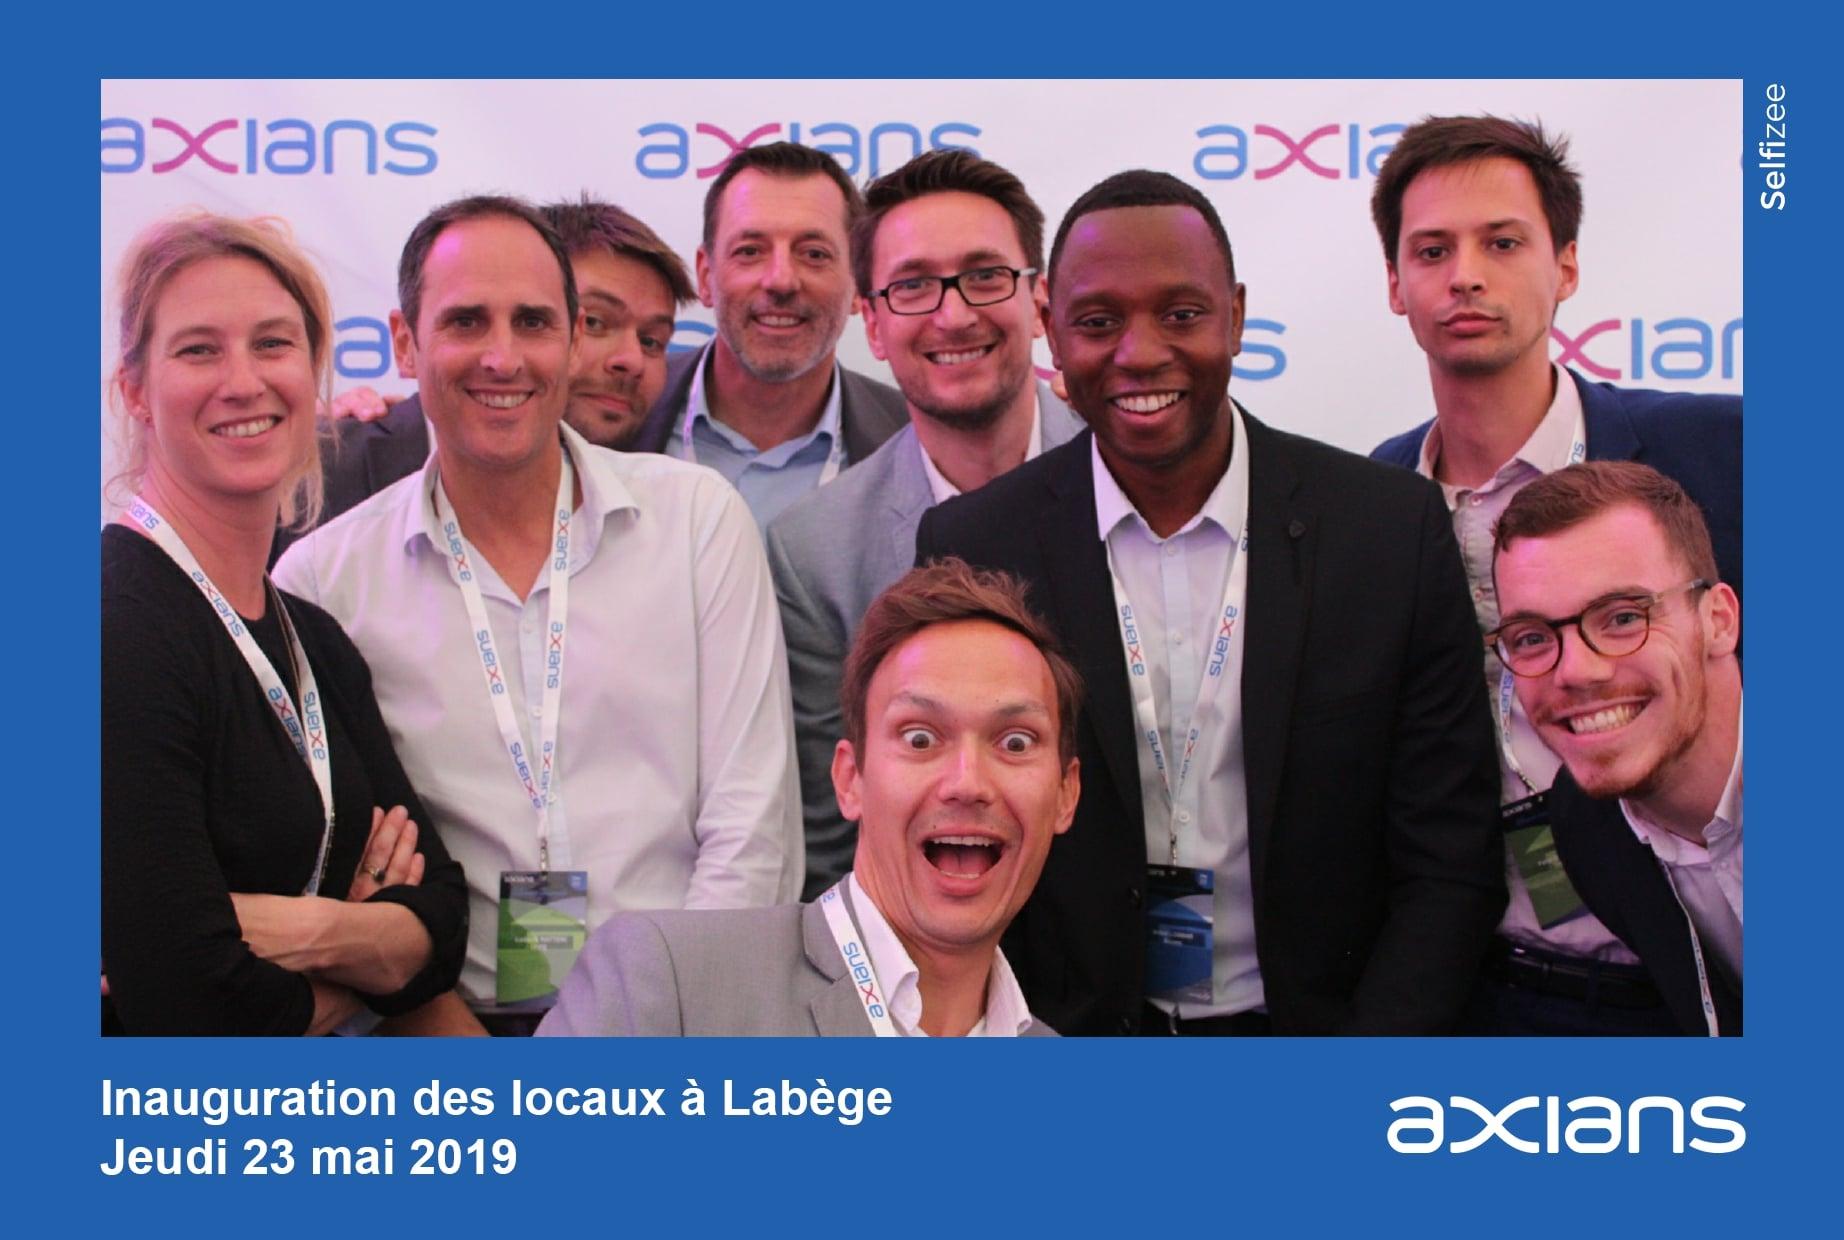 Photobooth et animation photocall pour inauguration des nouveaux locaux Axians à Labège à côté de Toulouse - photos personnalisées